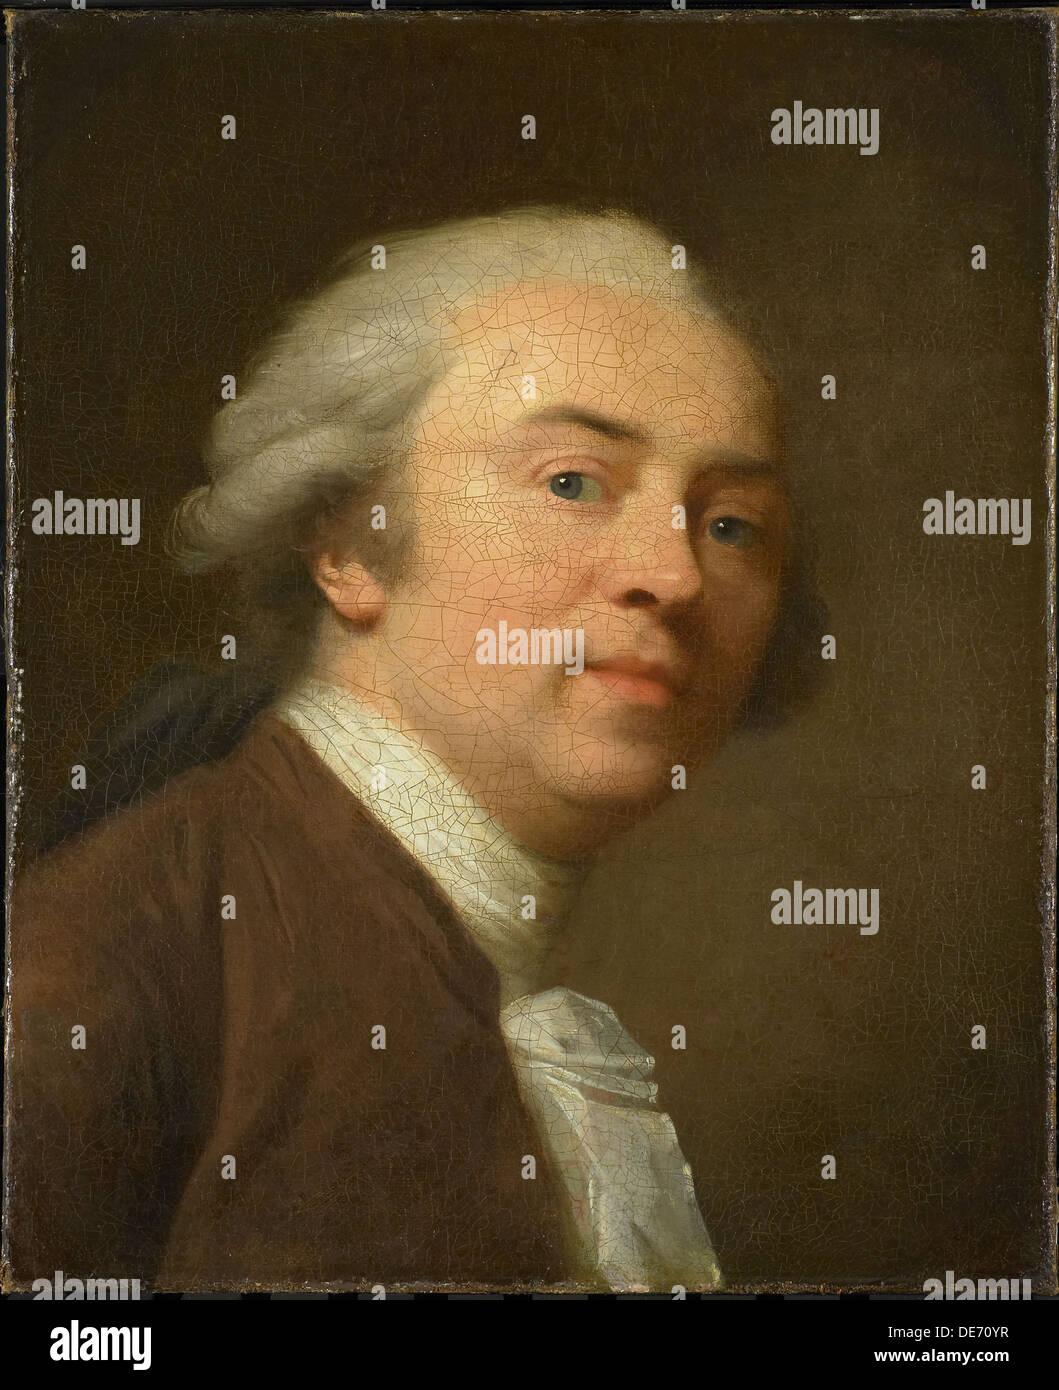 Self-Portrait, 1782. Artist: Tischbein, Johann Friedrich August (1750-1812) - Stock Image